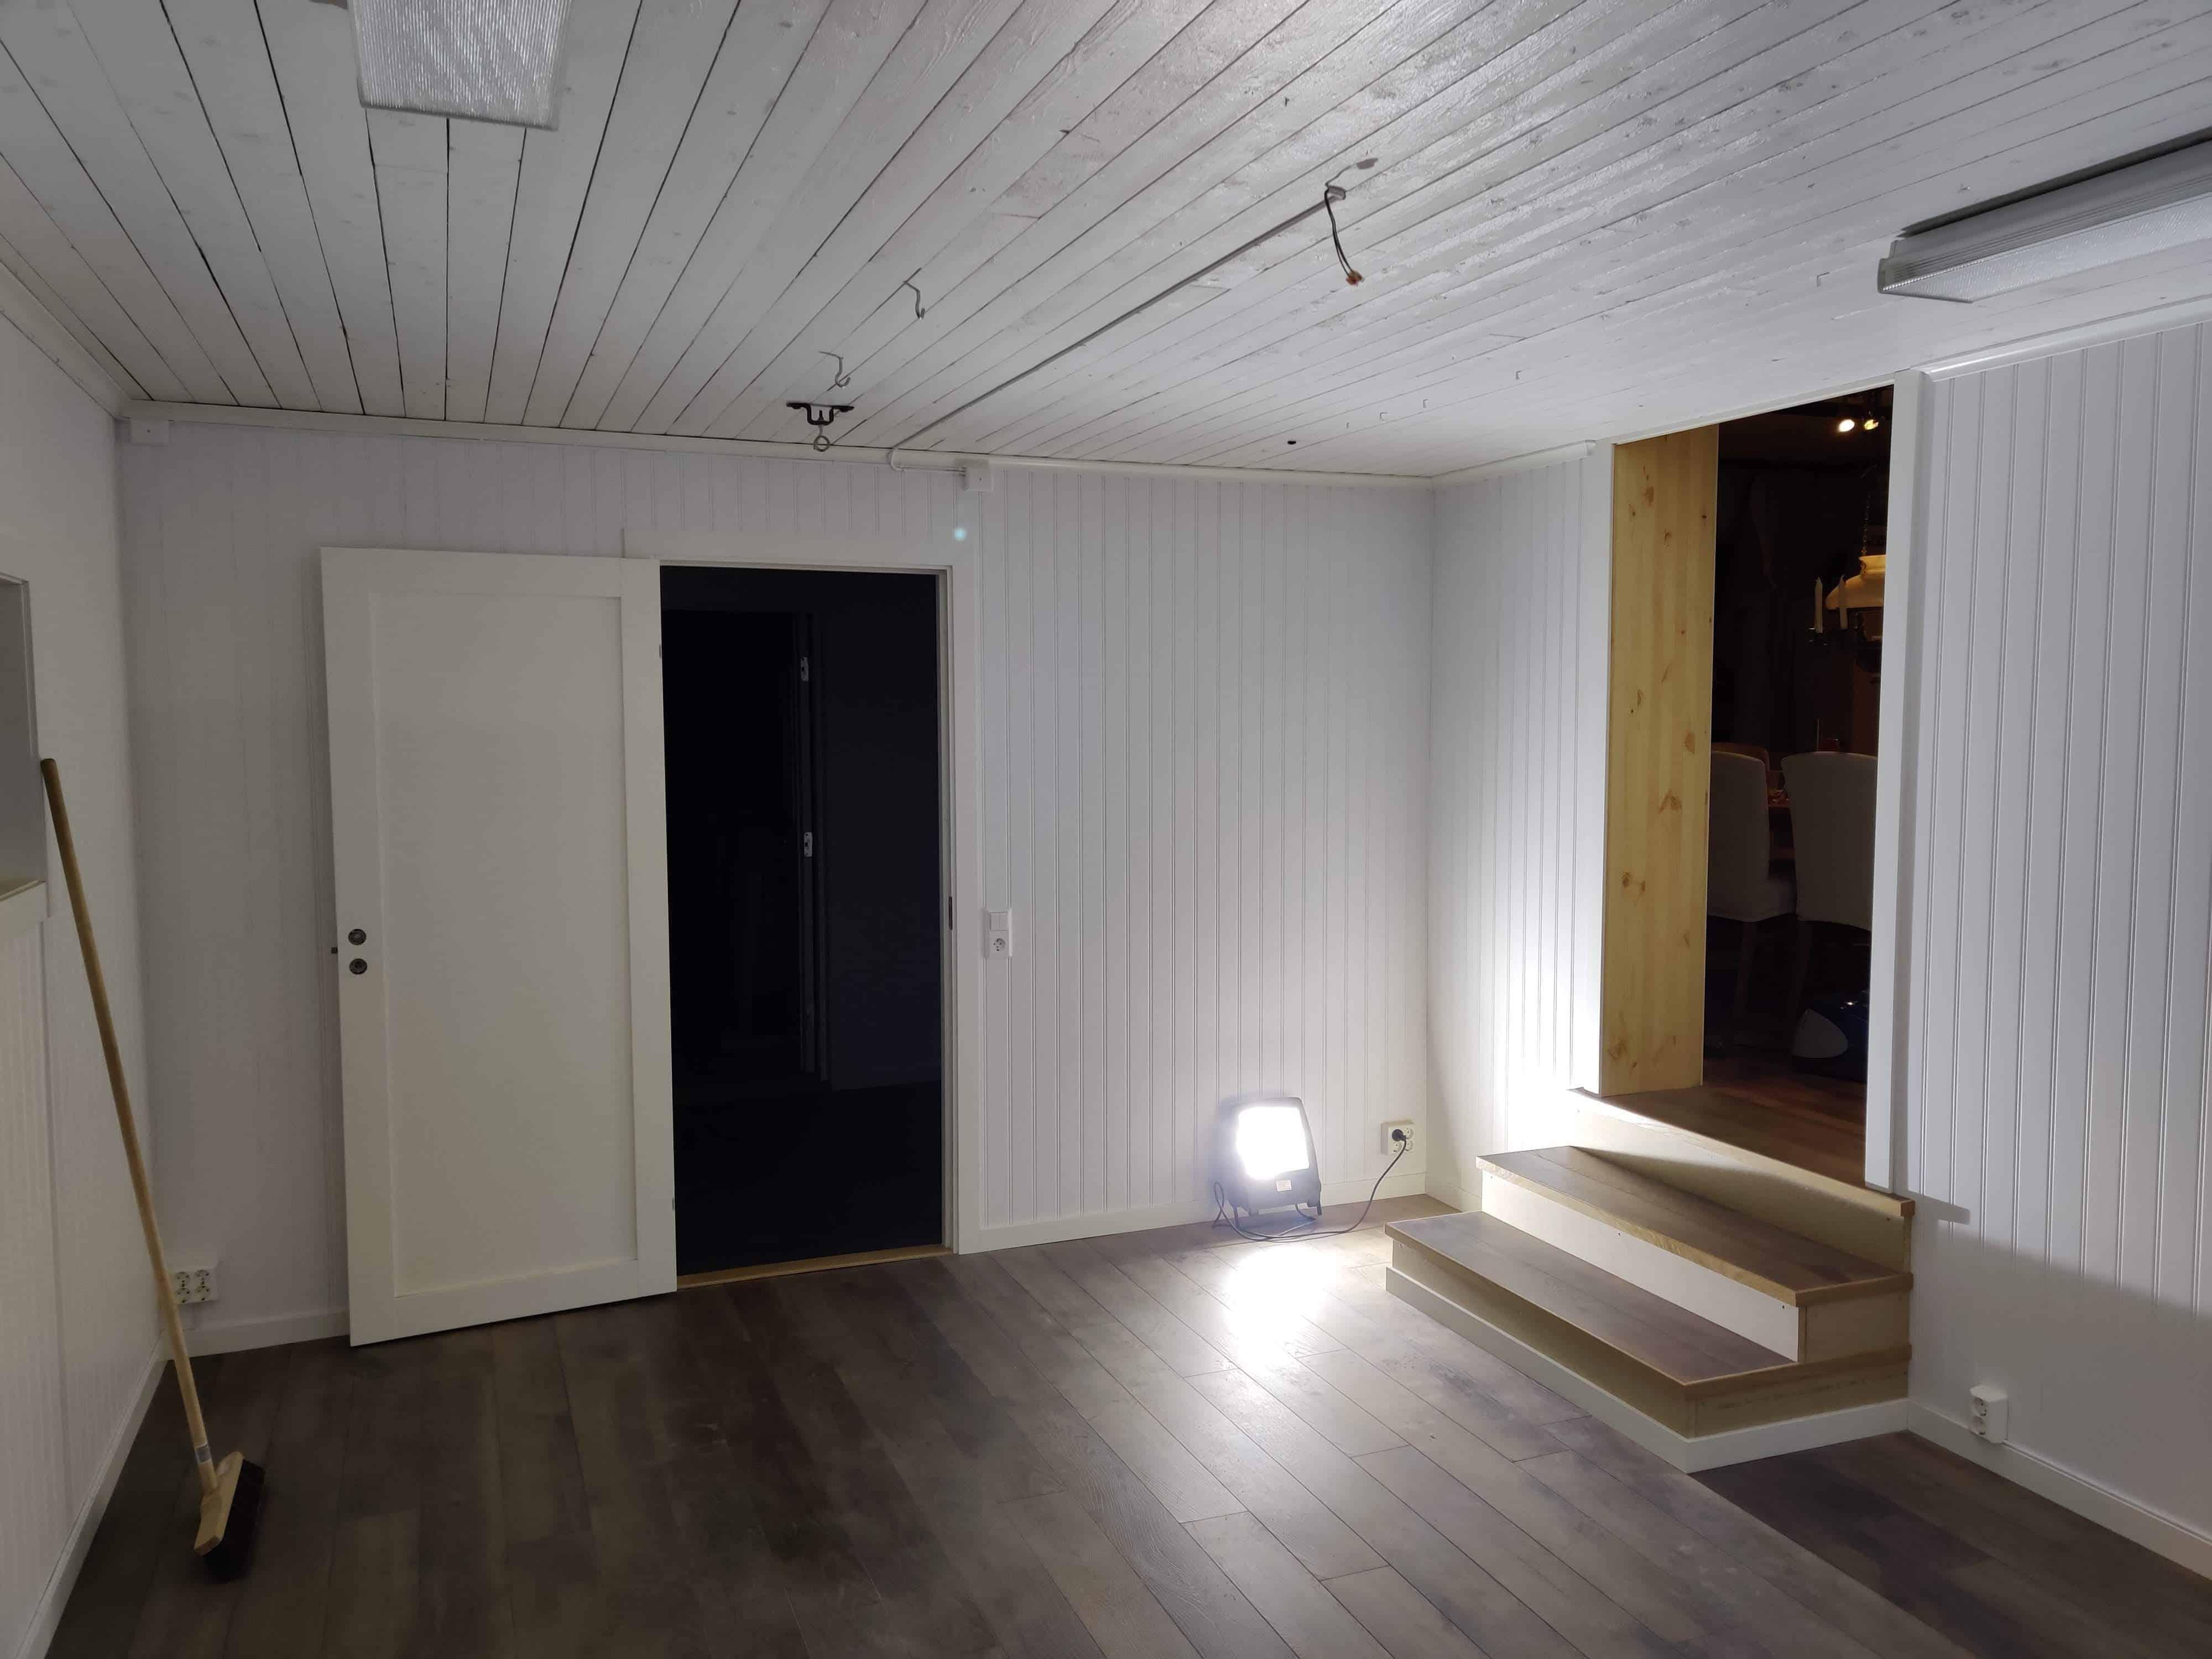 """Referensjobb """"Efterbild """" utfört av Stefan Larsson Byggtjänst"""